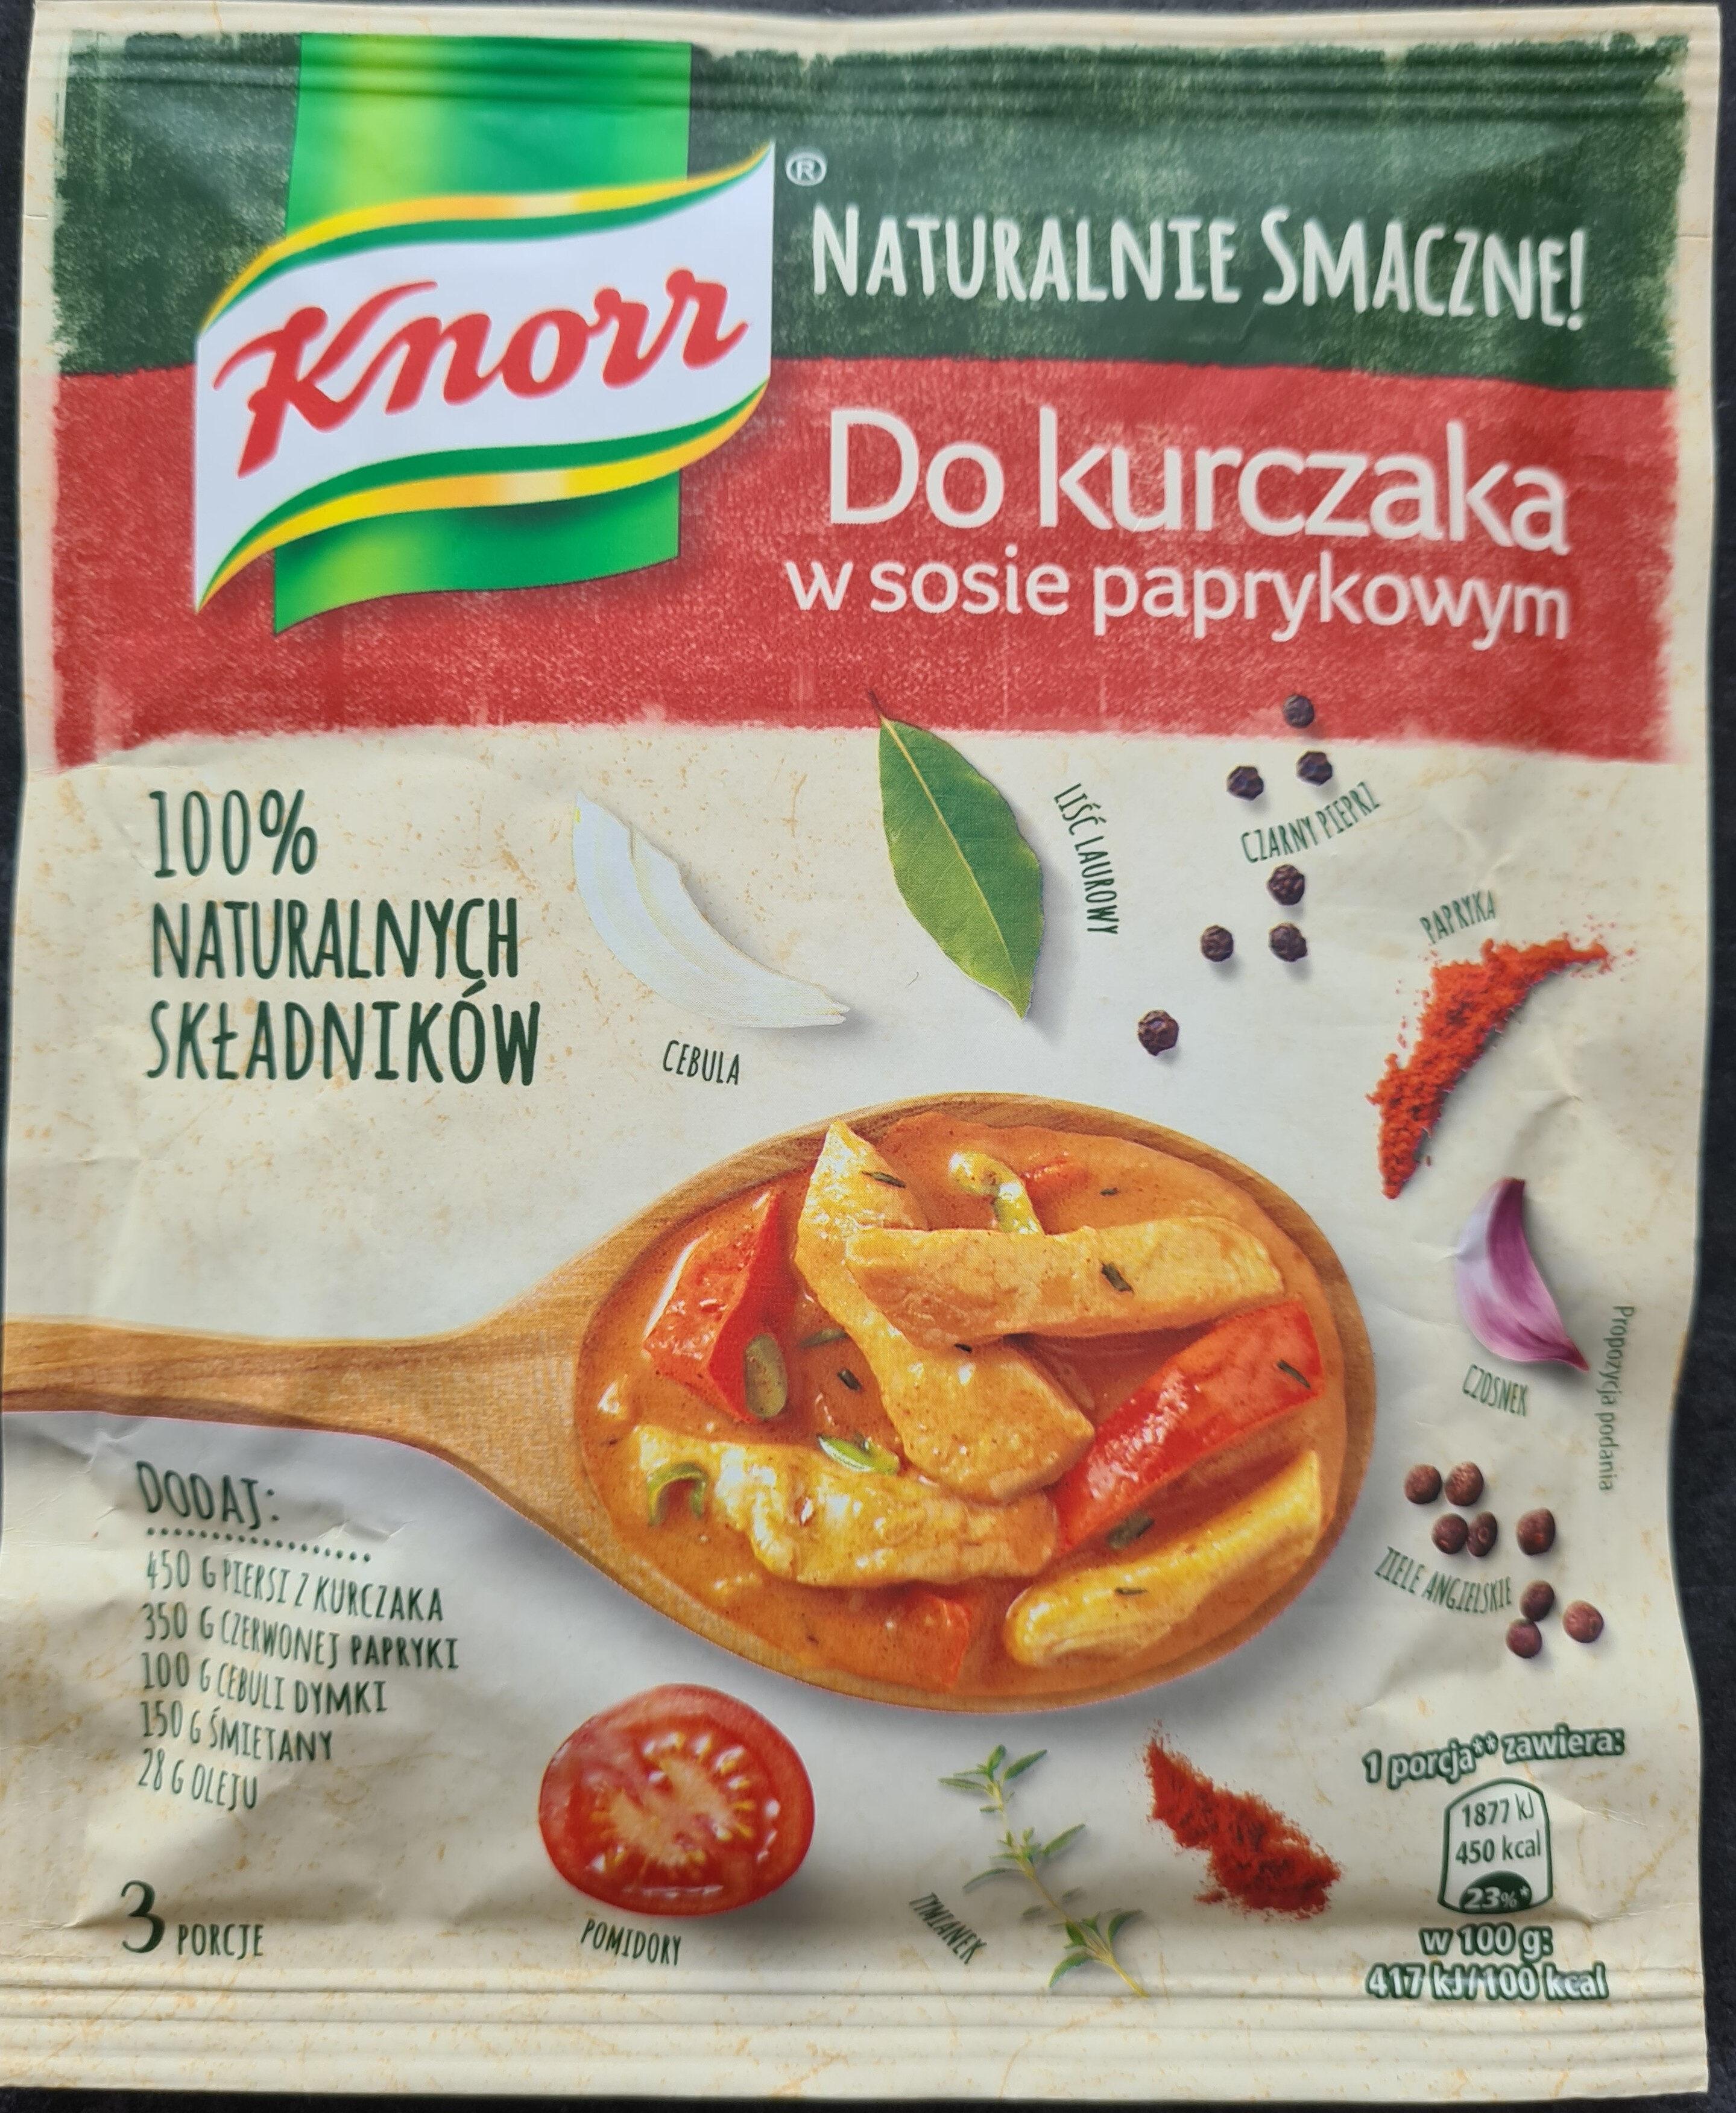 Knor Naturalnie Smaczne! Do kurczaka w sosie paprykowym - Produkt - pl